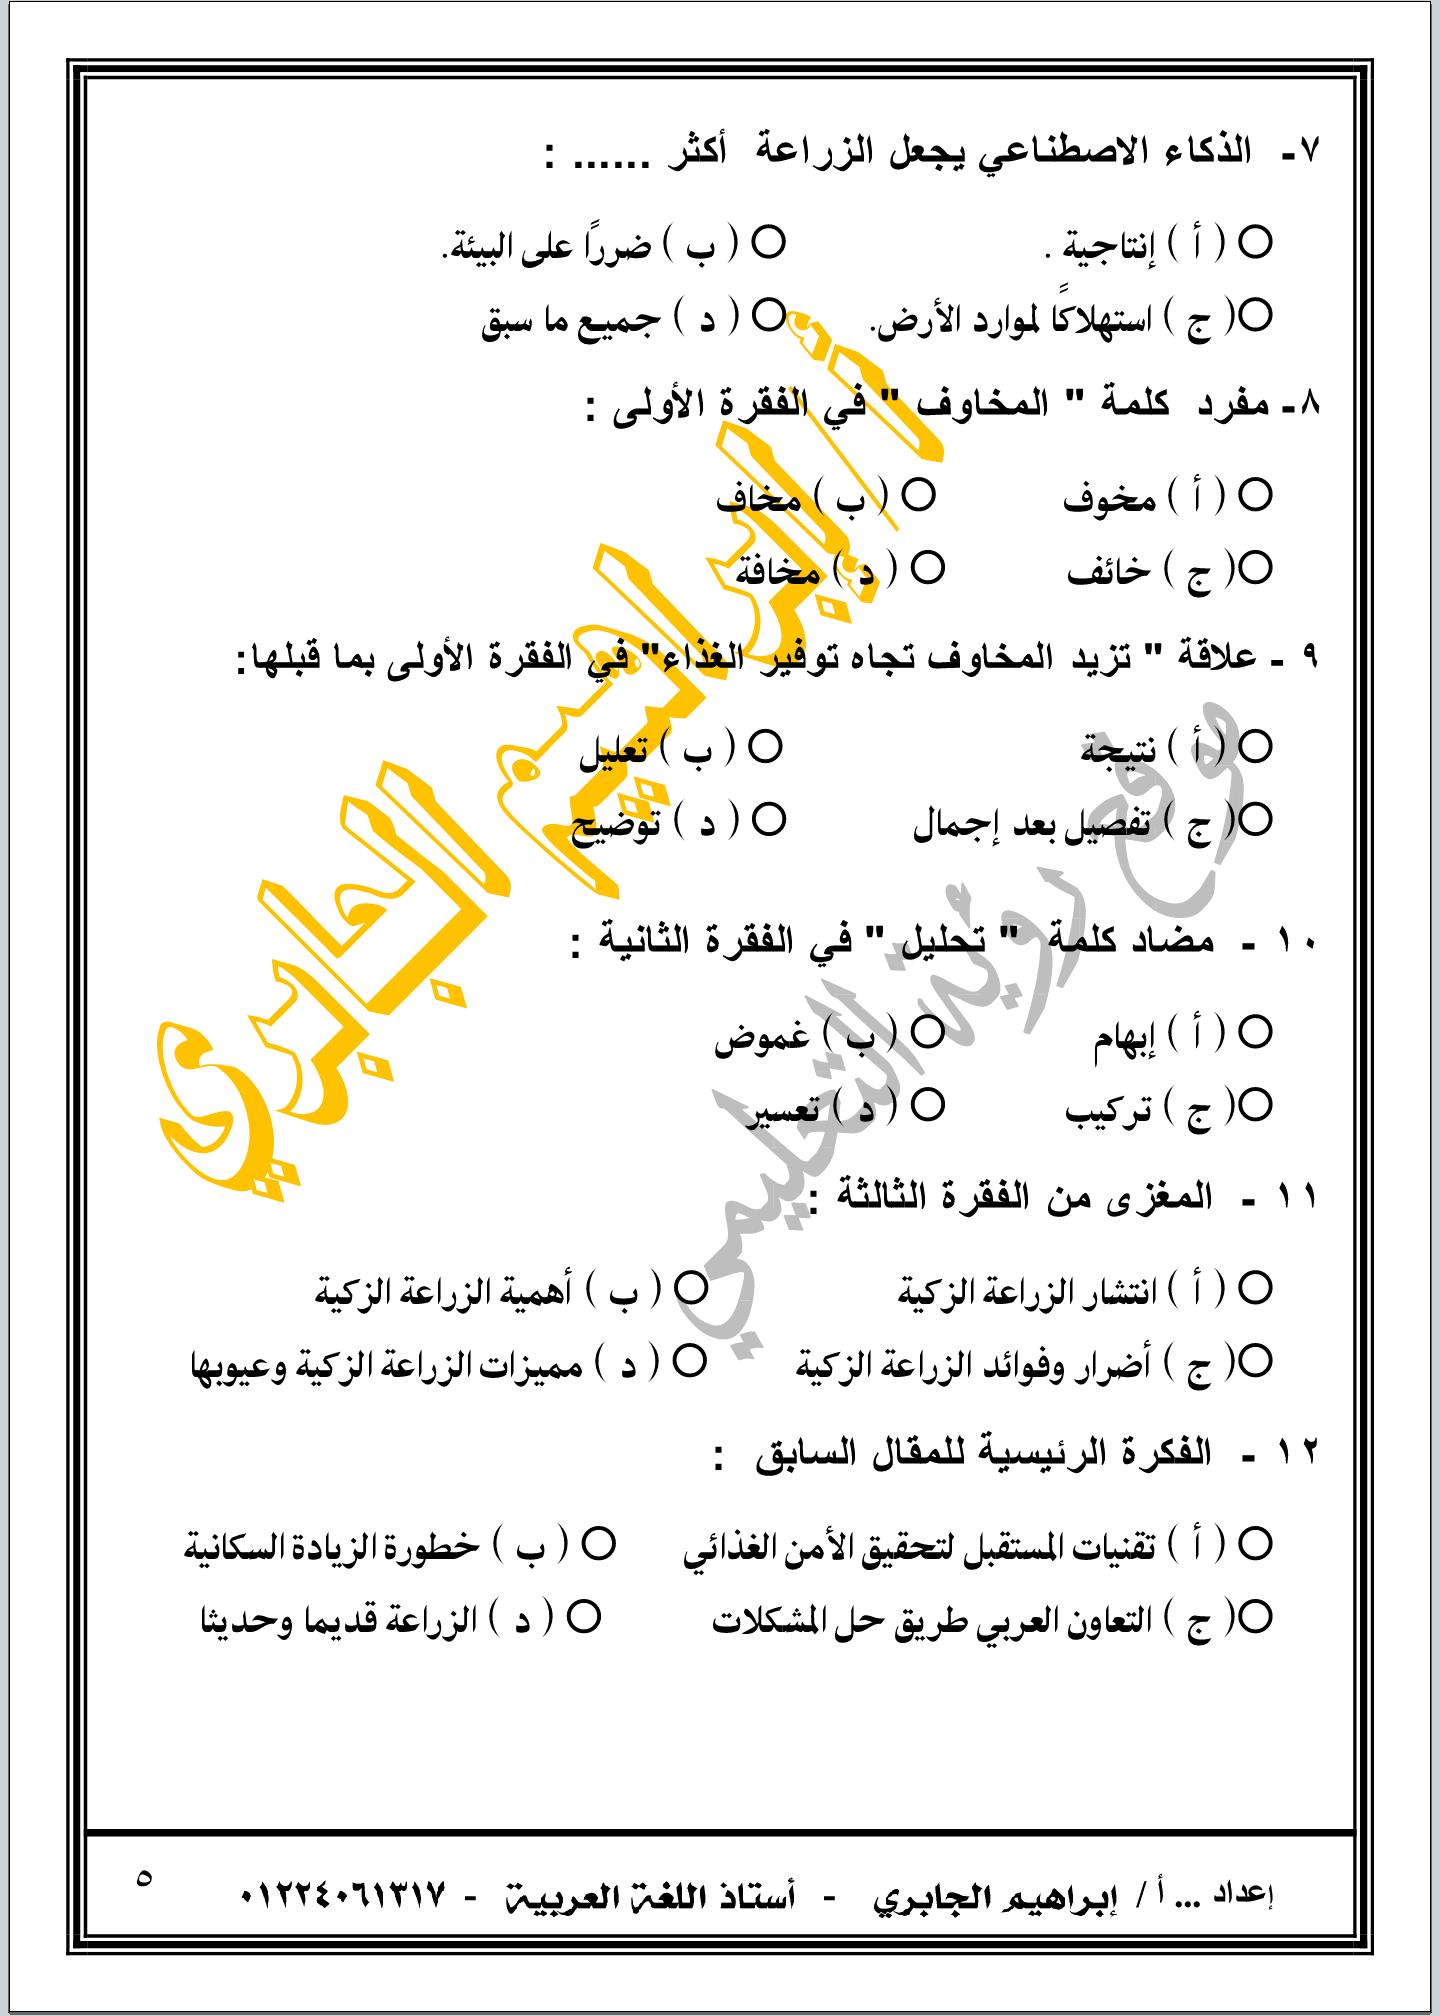 امتحان لغة عربية شامل للثانوية العامة نظام جديد 2021.. 70 سؤالا بالإجابات النموذجية Screenshot_%25D9%25A2%25D9%25A0%25D9%25A2%25D9%25A1-%25D9%25A0%25D9%25A4-%25D9%25A1%25D9%25A5-%25D9%25A0%25D9%25A1-%25D9%25A4%25D9%25A1-%25D9%25A1%25D9%25A1-1